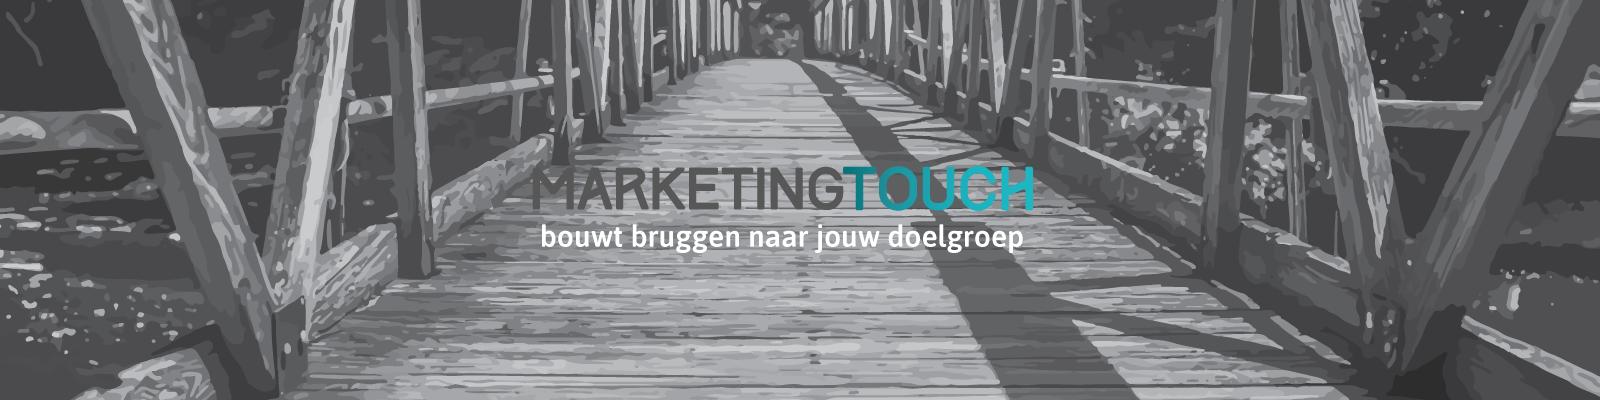 MarketingTouch-bouwt-bruggen-naar-je-doelgroep-grijs